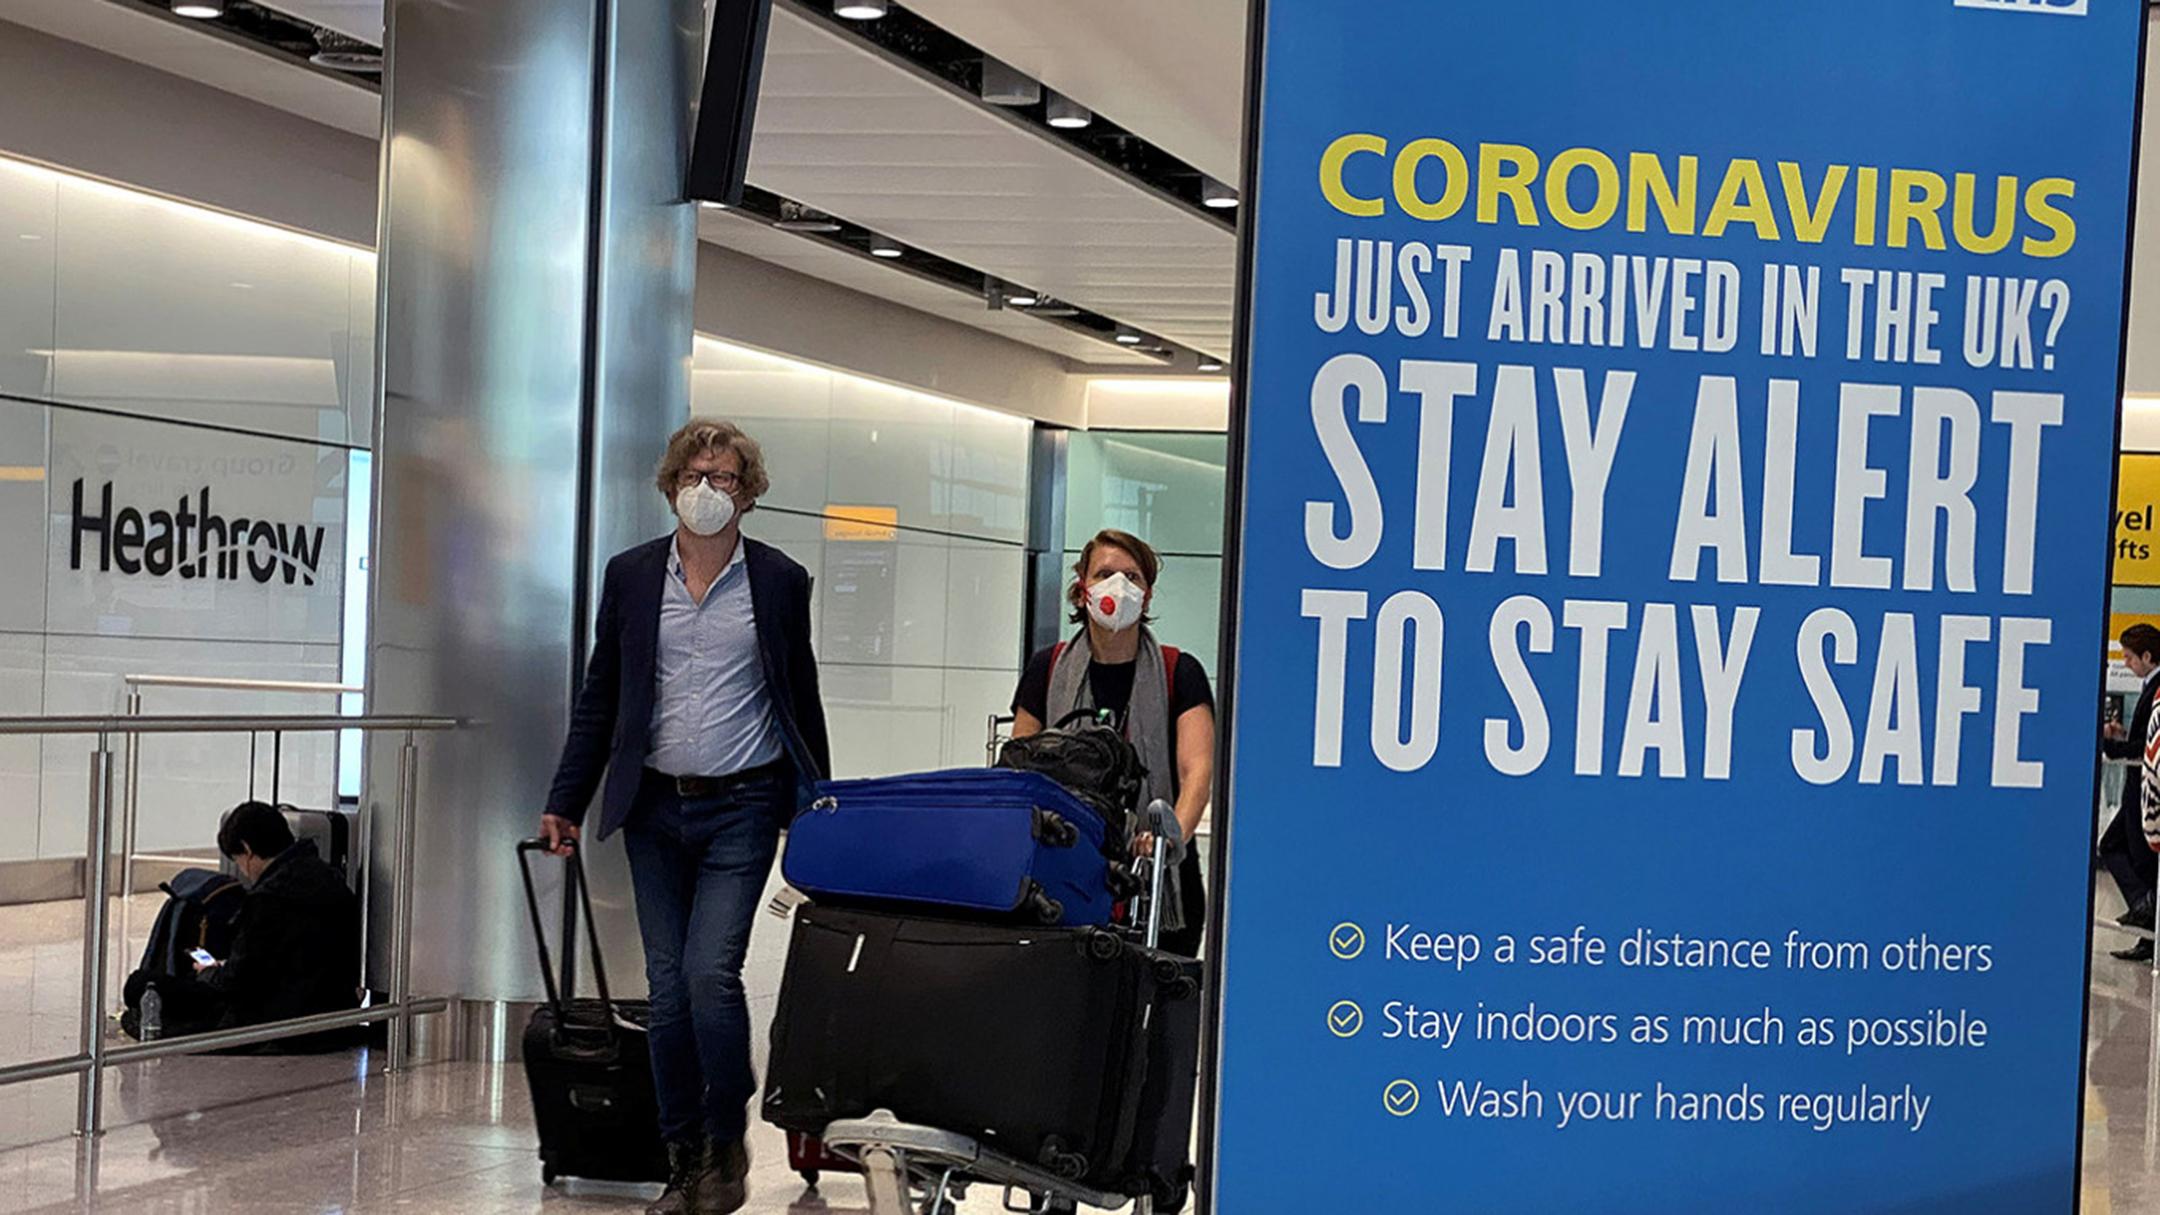 UK – New traveladvisory